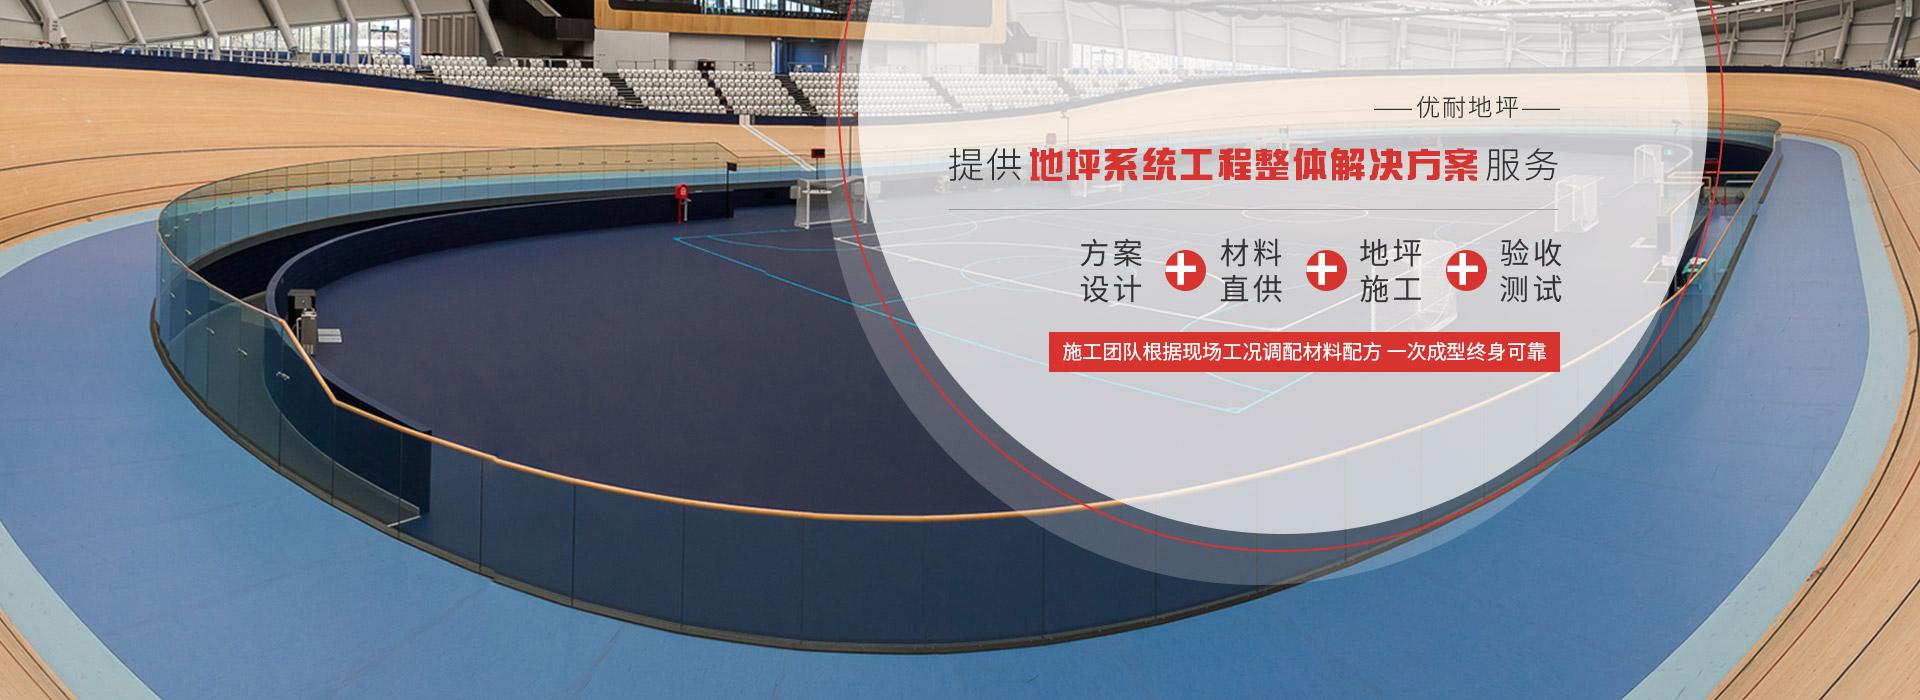 优耐地坪提供地坪系统工程整体解决方案服务